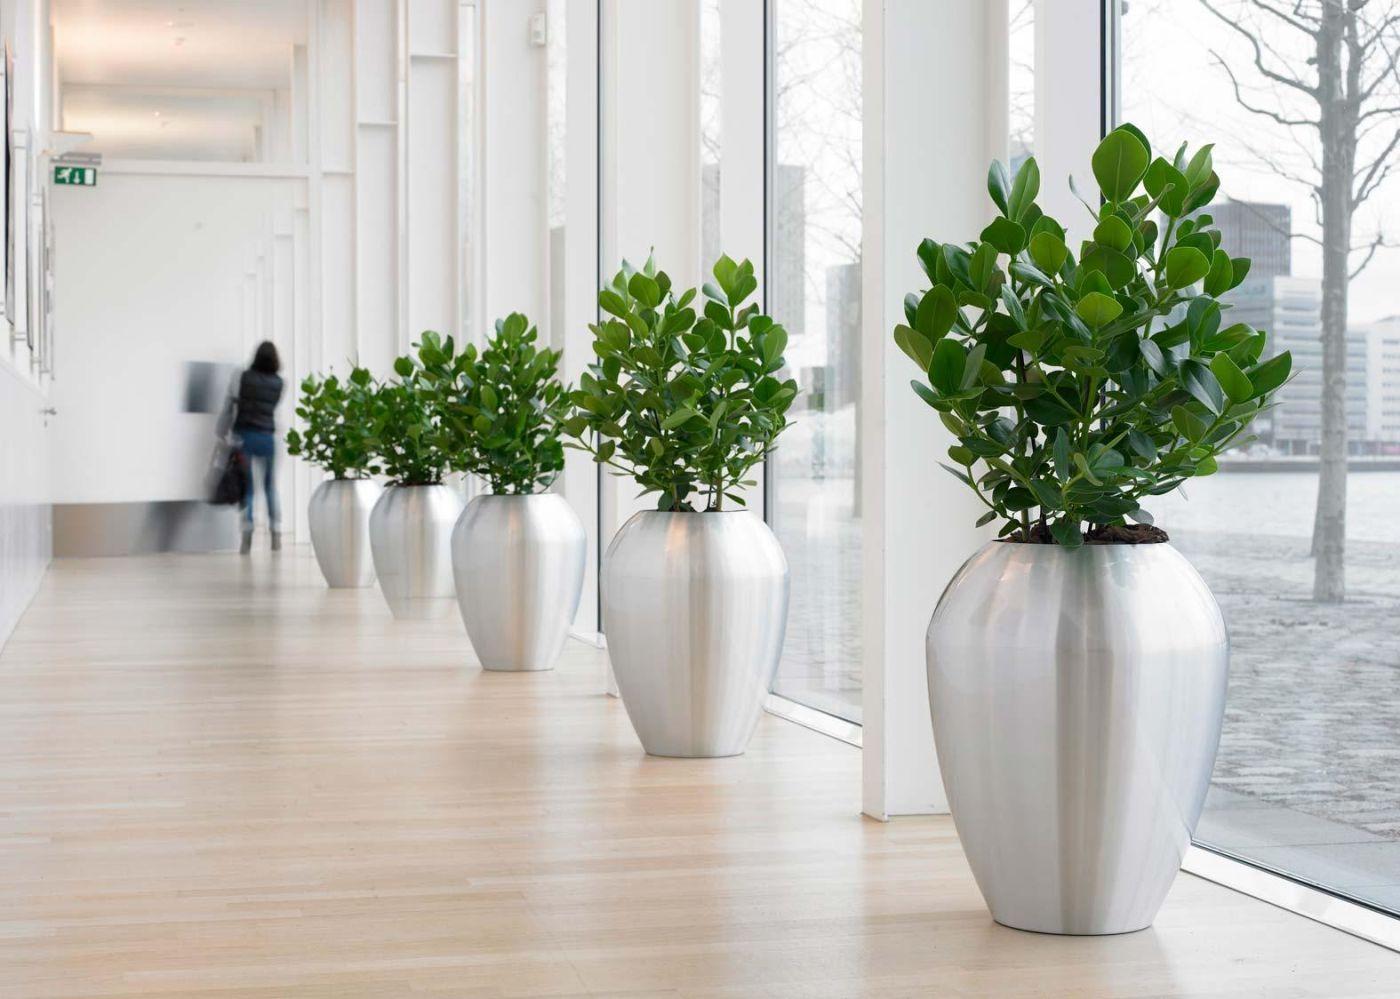 Купить напольные цветы в офисные